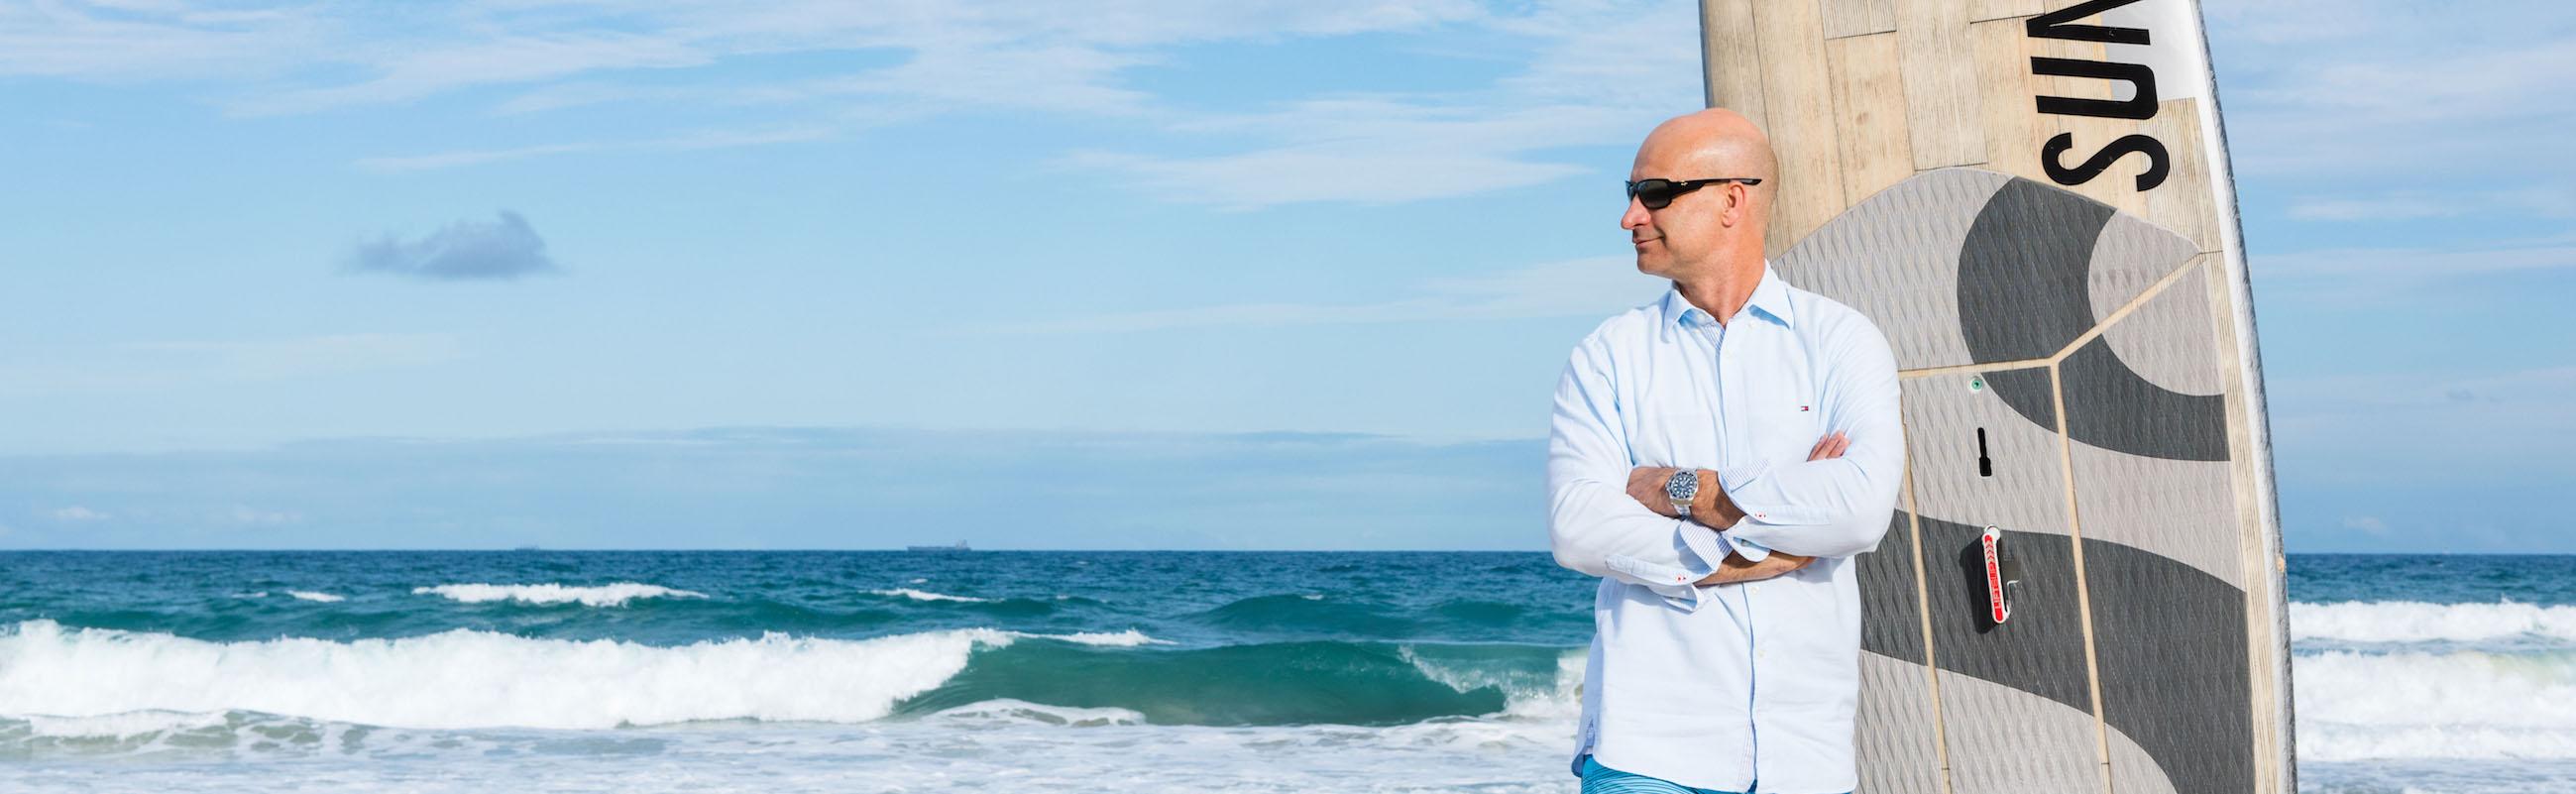 Sunshine Coast Business Coach - Jean-Marc Barbeau